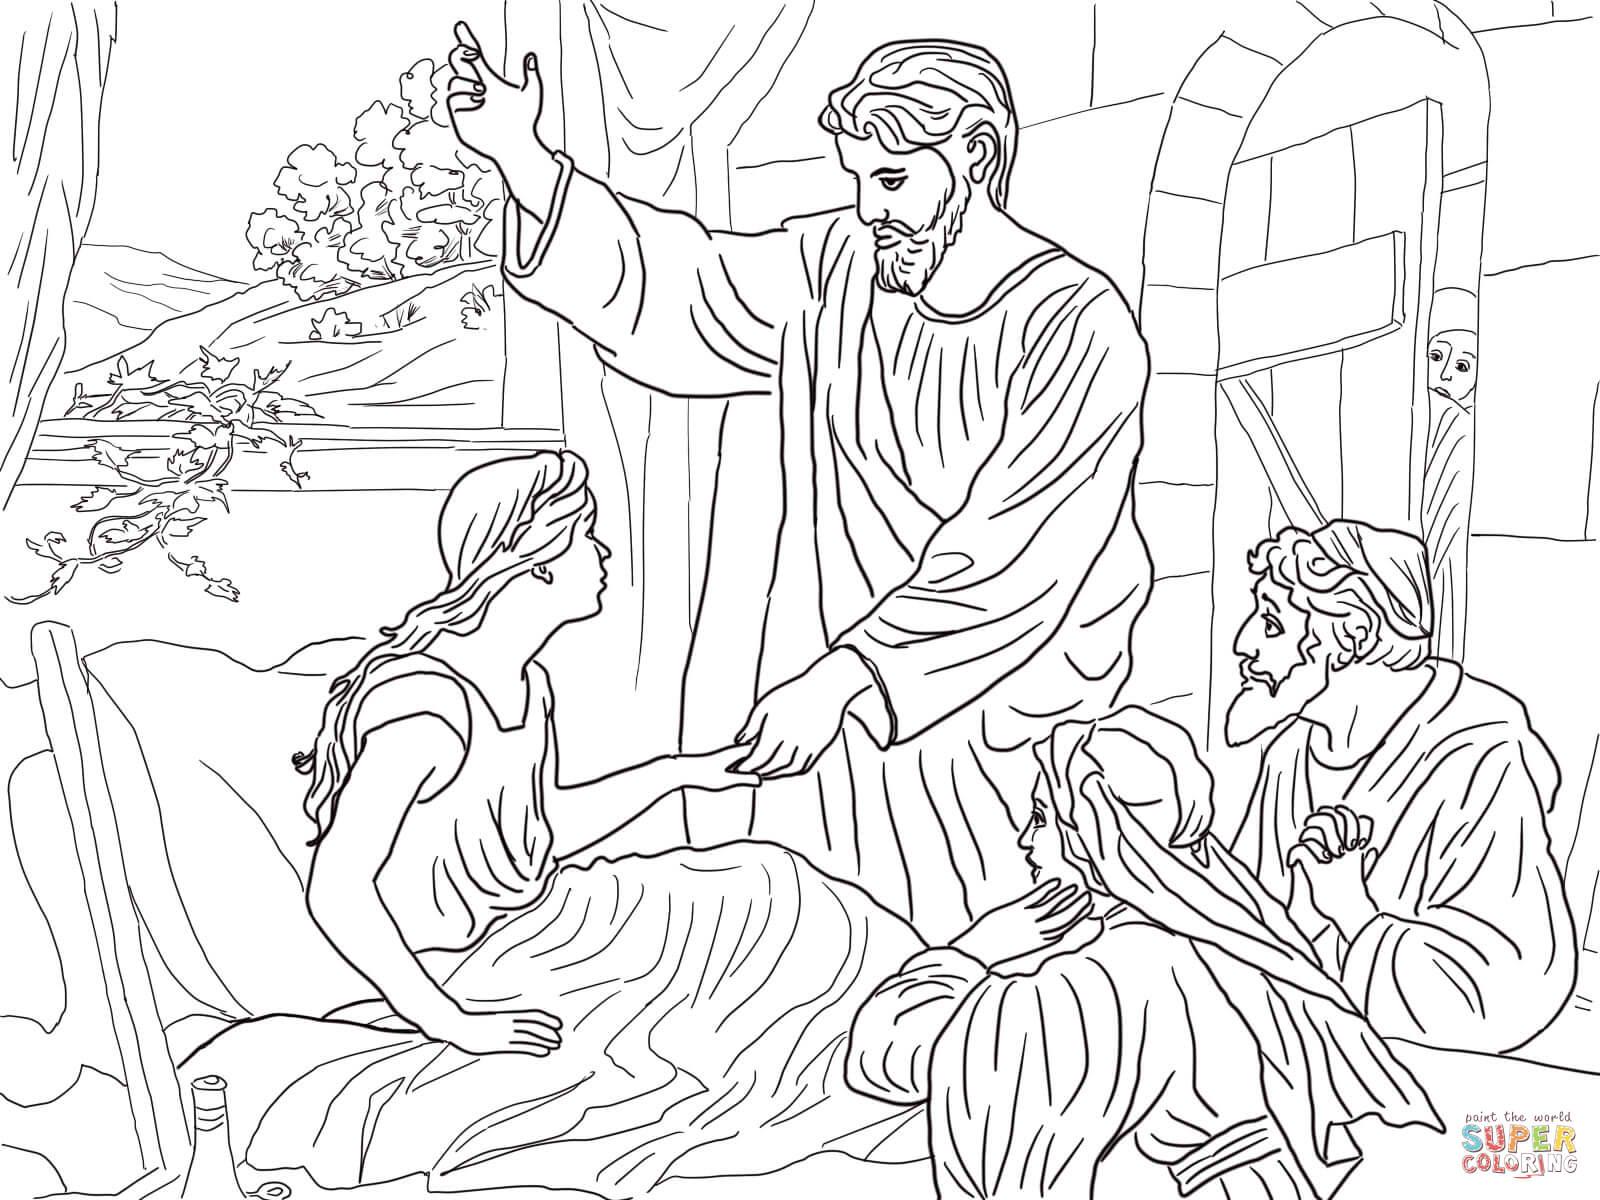 Jesus Heals Coloring Page - Democraciaejustica